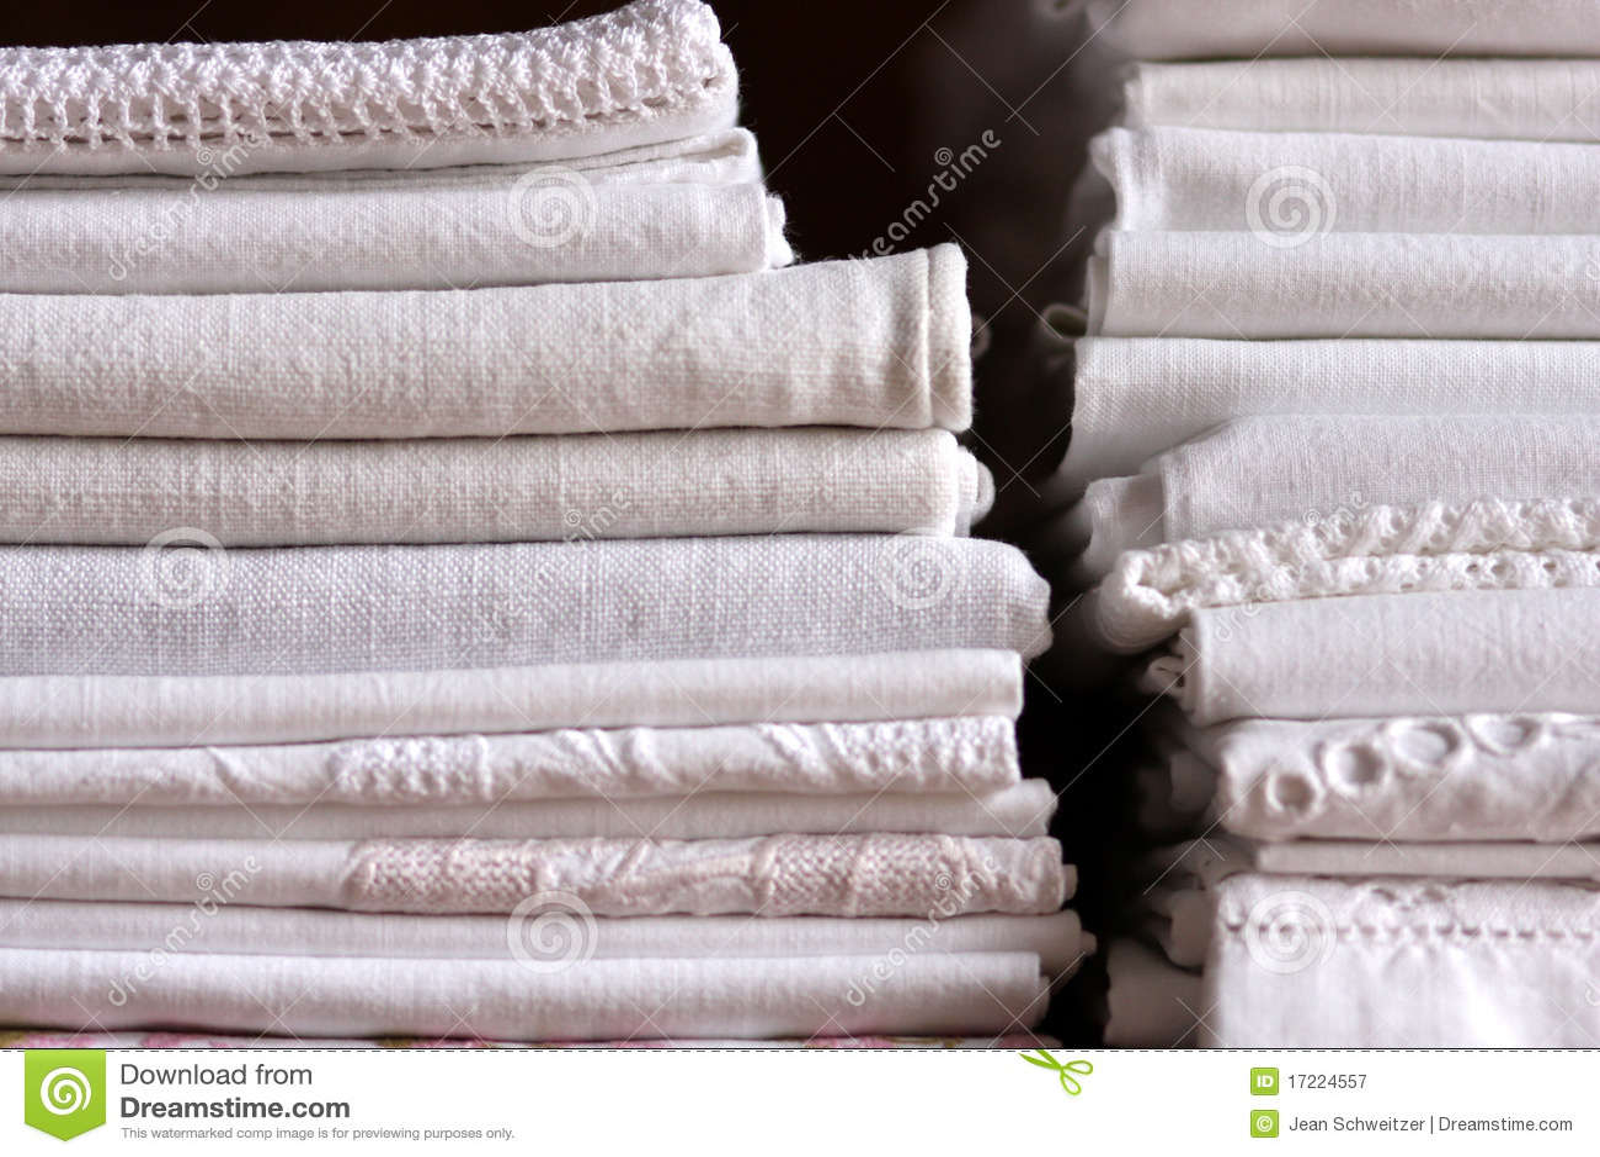 Coton Bed Sheet